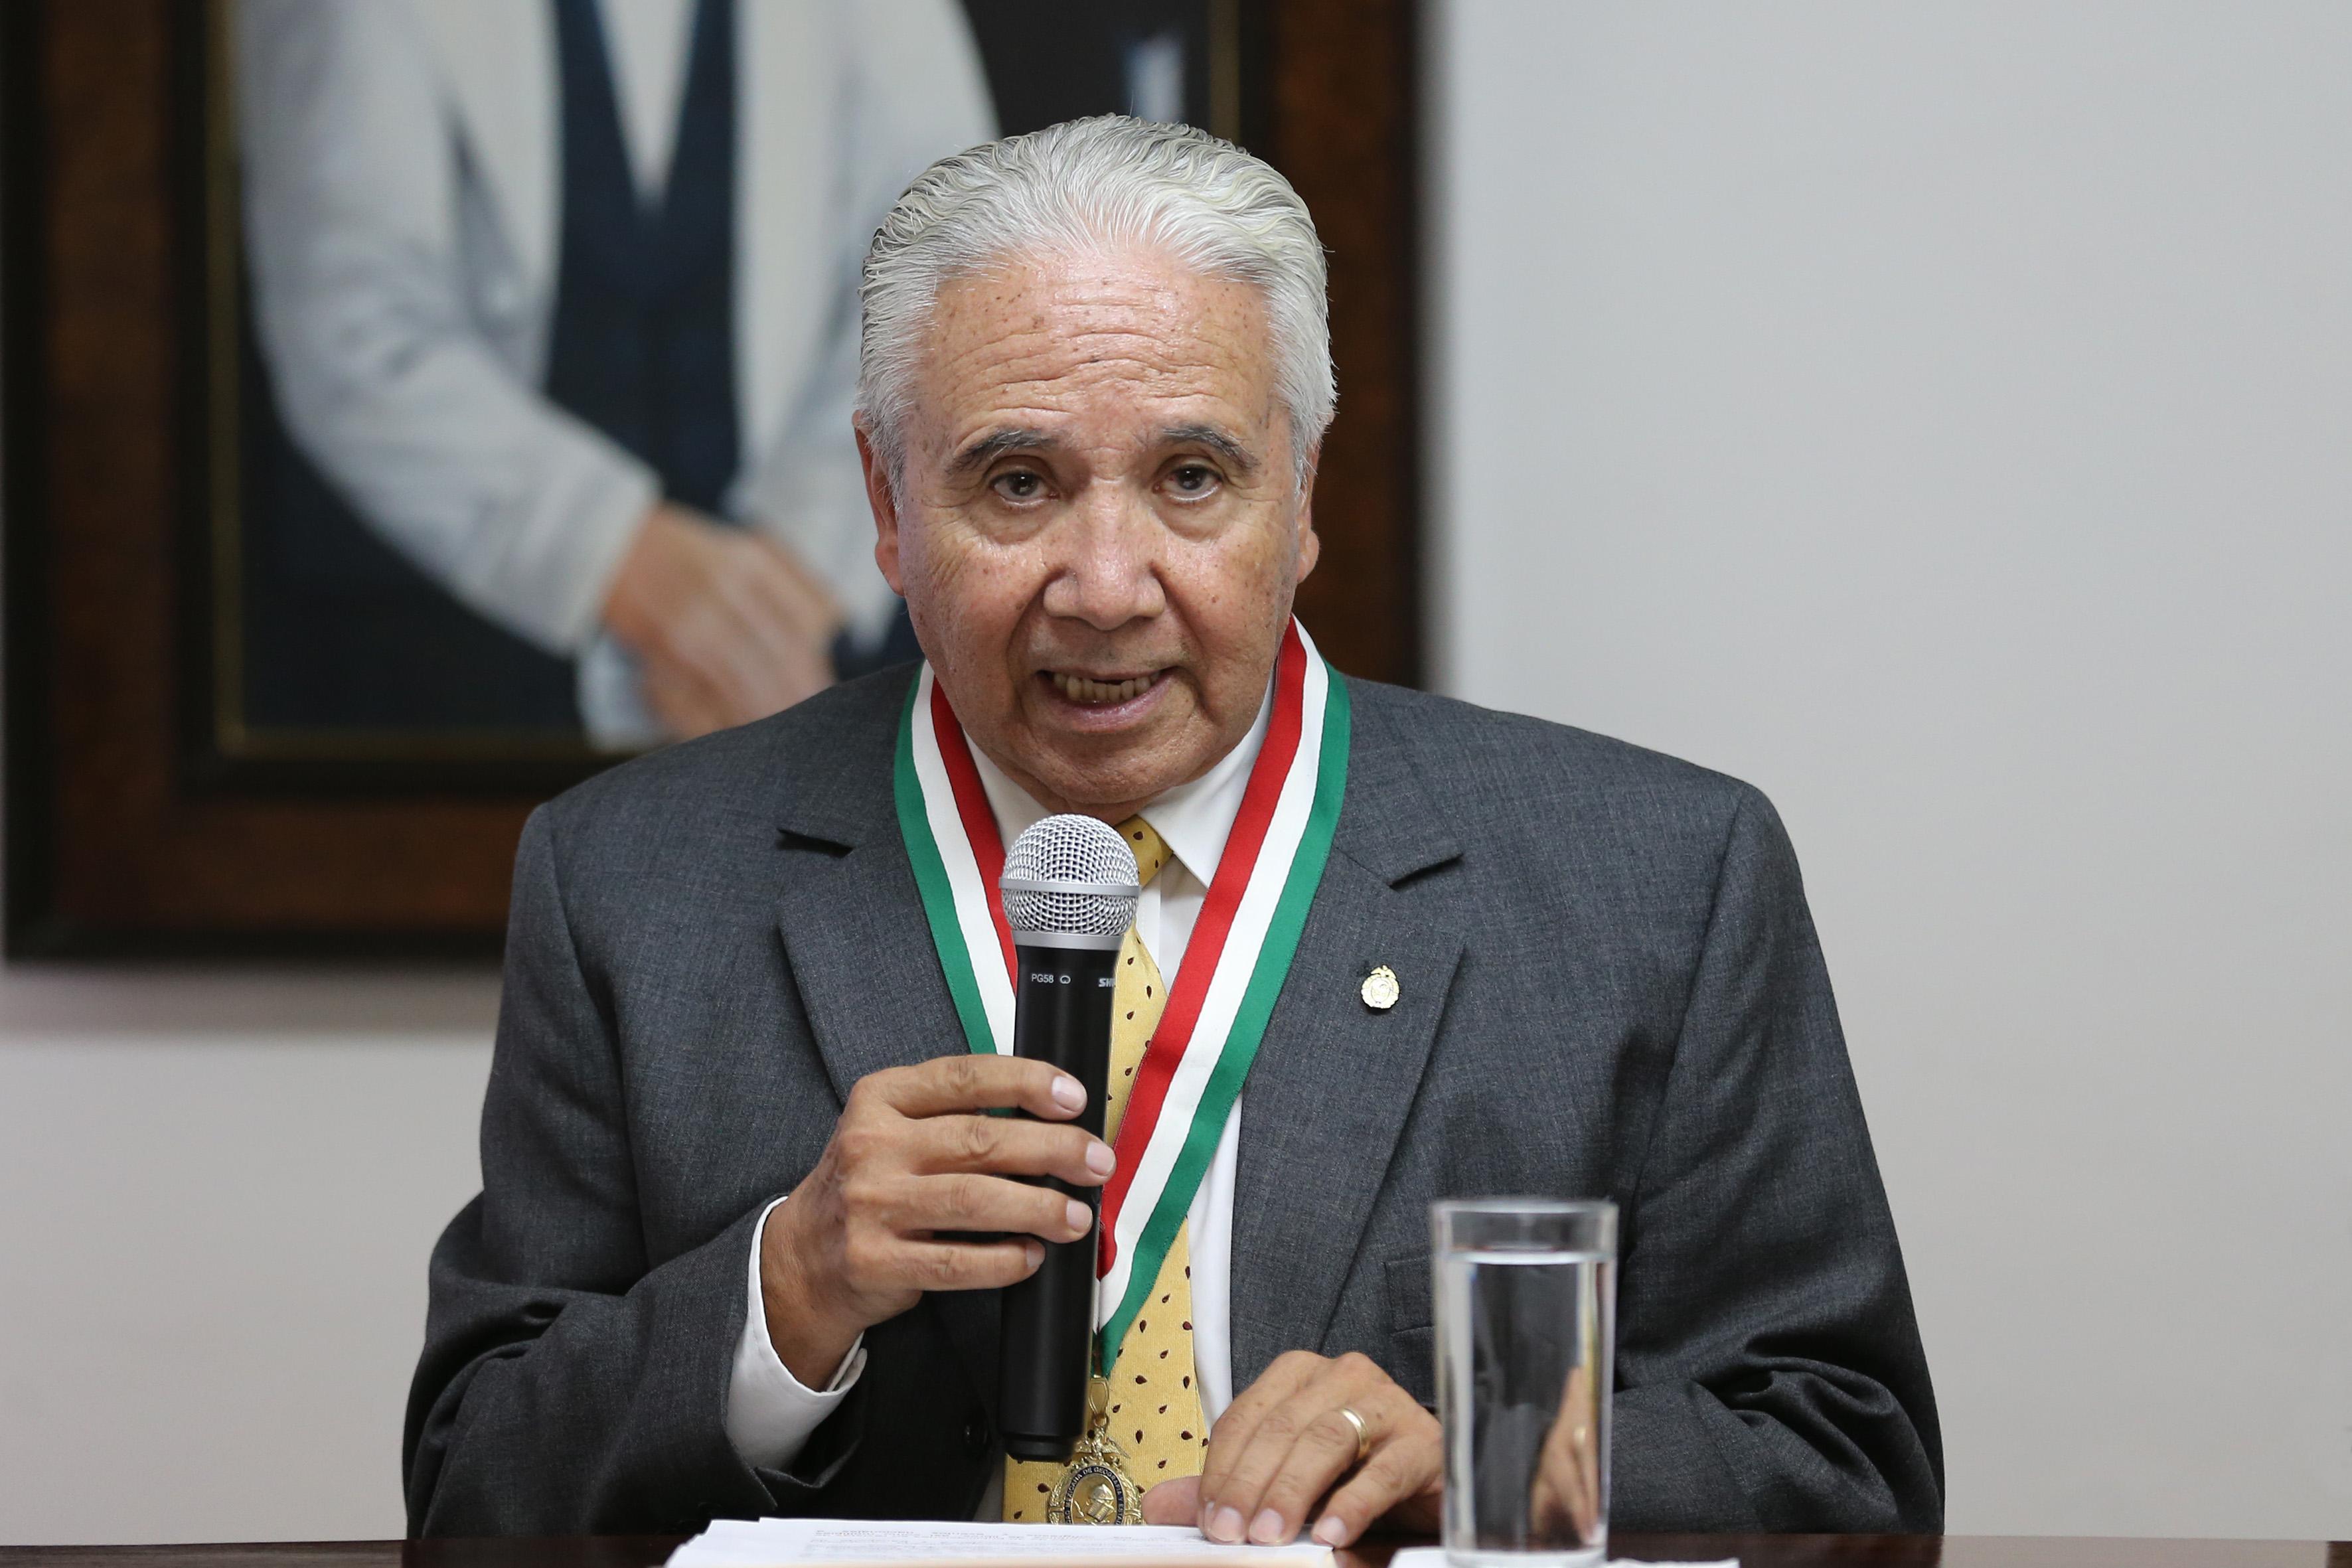 Representante de la Benemérita Sociedad de Geografía y Estadística del Estado de Jalisco, AC; con micrófono en mano haciendo uso de la palabra, durante evento.